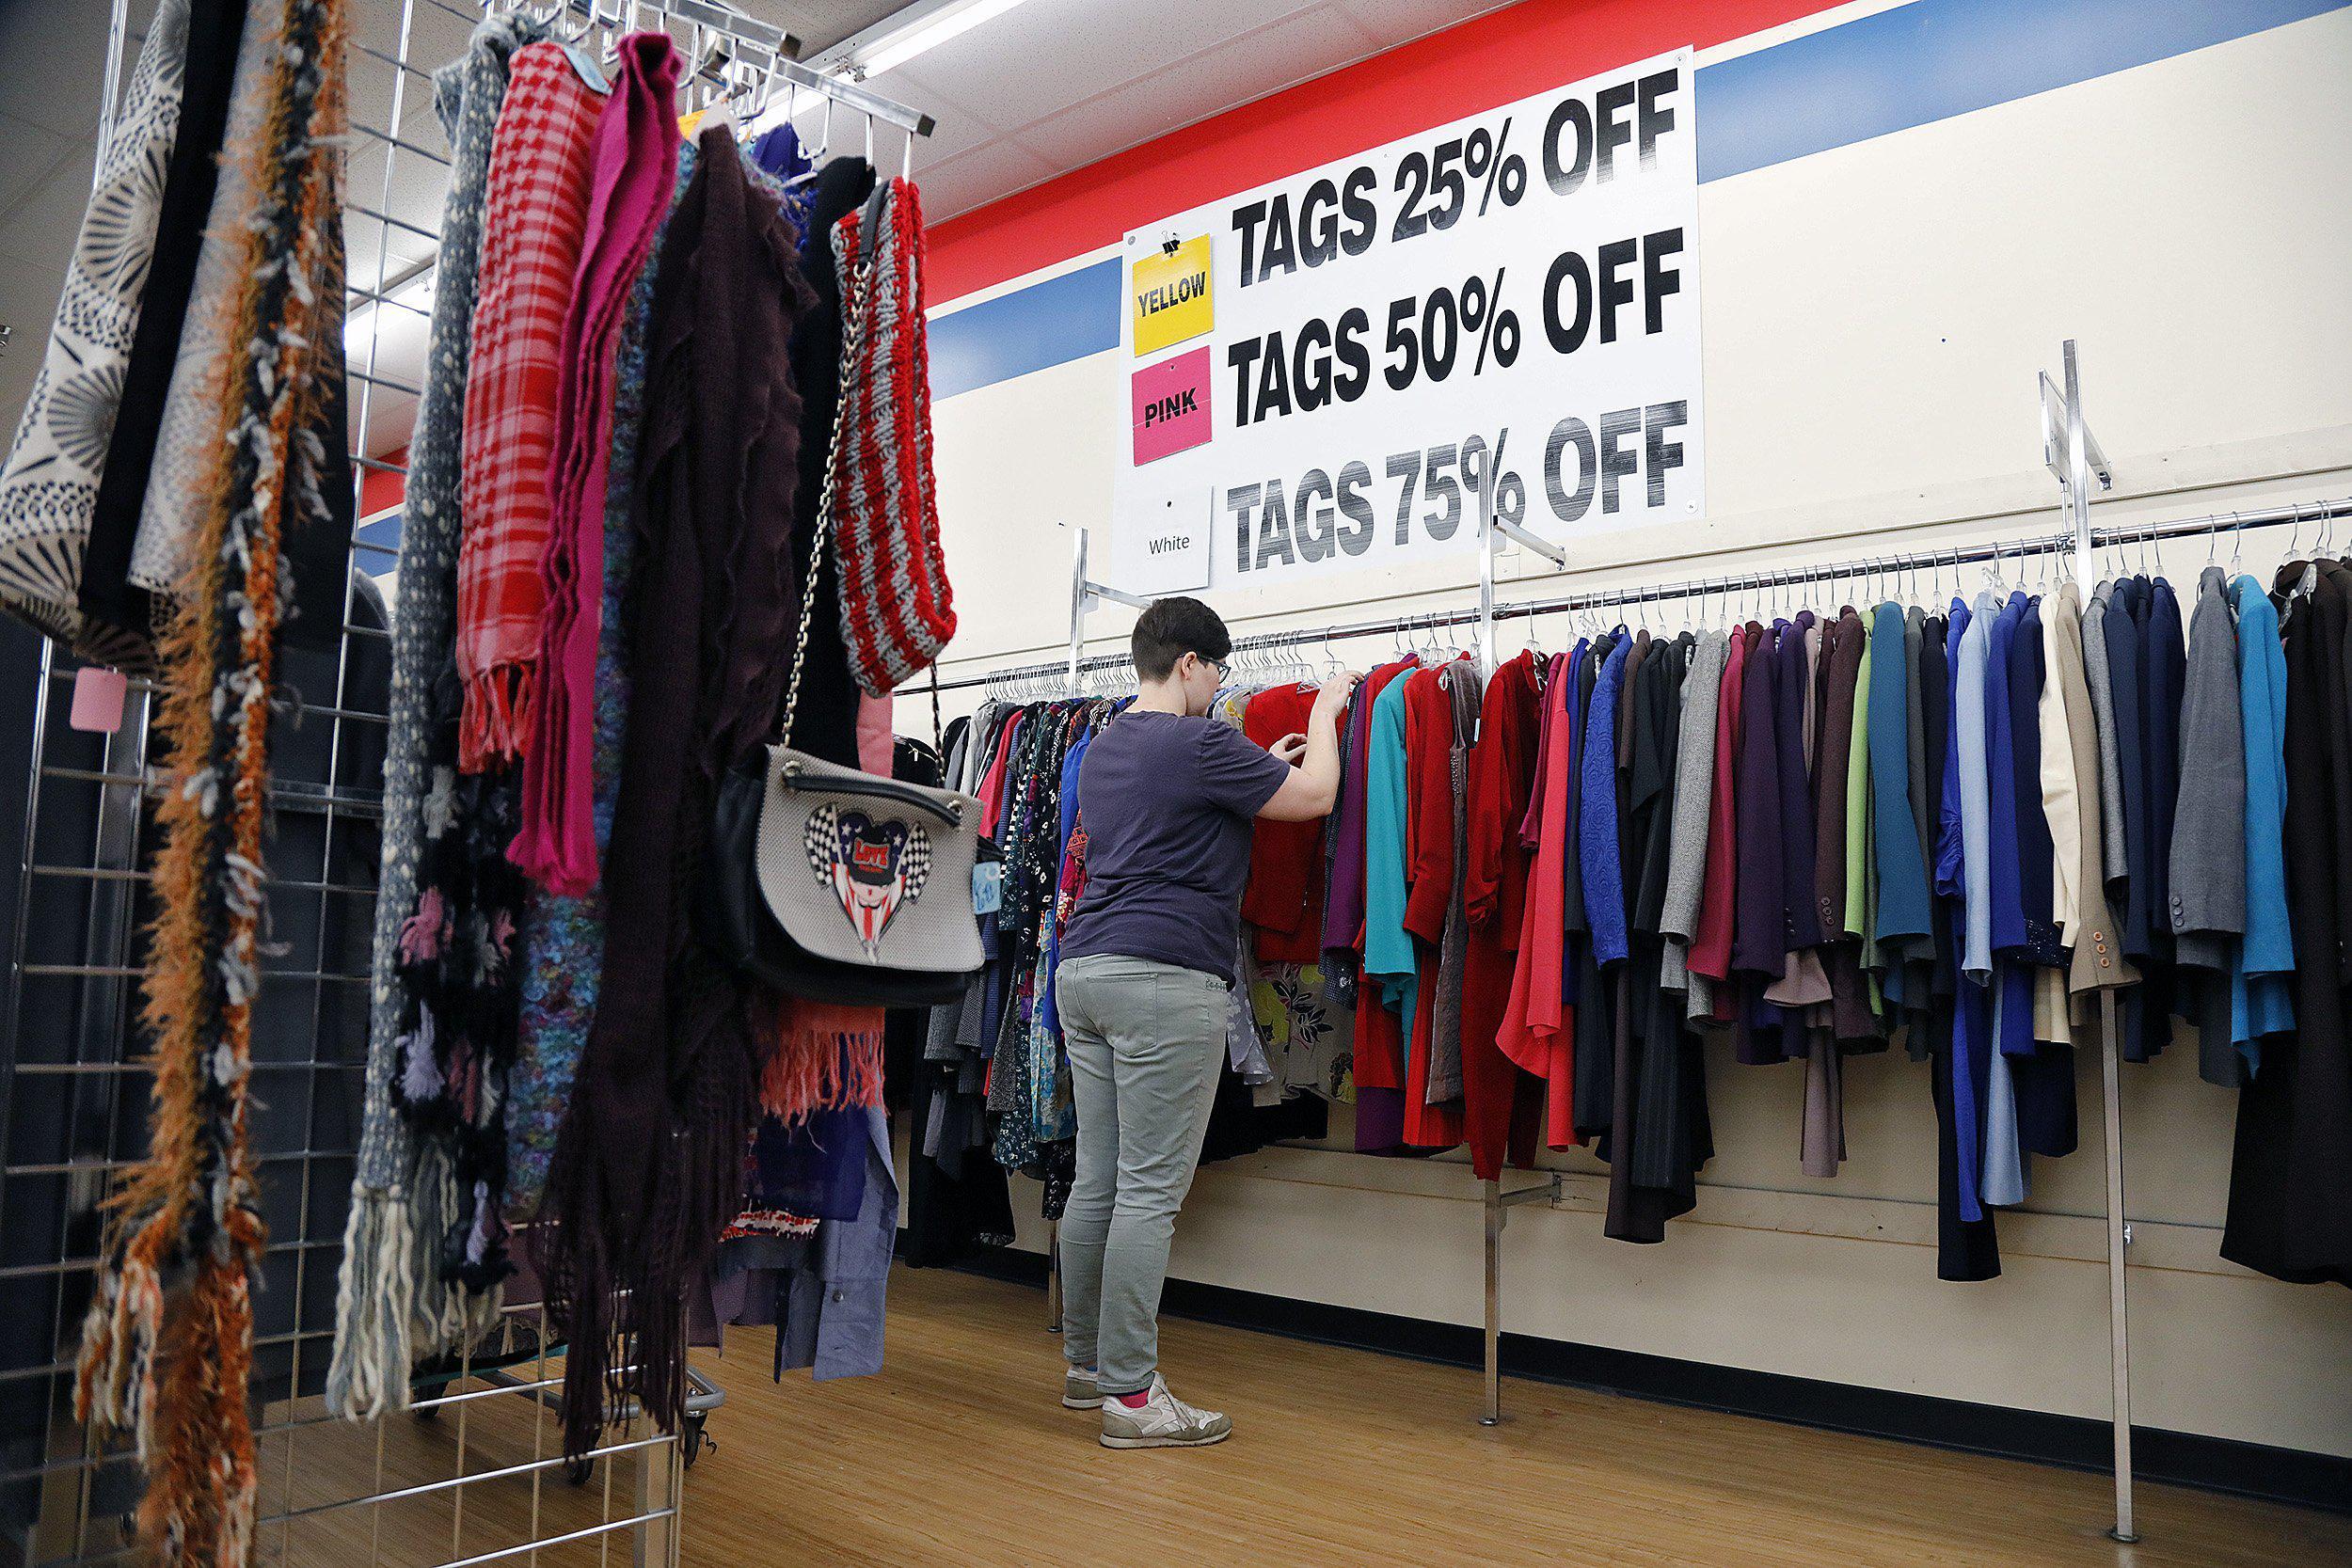 """Các cửa hàng bán hàng thùng mọc lên như nấm ở Hàn Quốc được giới trẻ """"phát cuồng"""": Đồ cũ bán theo chủ đề độc đáo, hàng hiệu lại giá rẻ theo cân - Ảnh 4."""